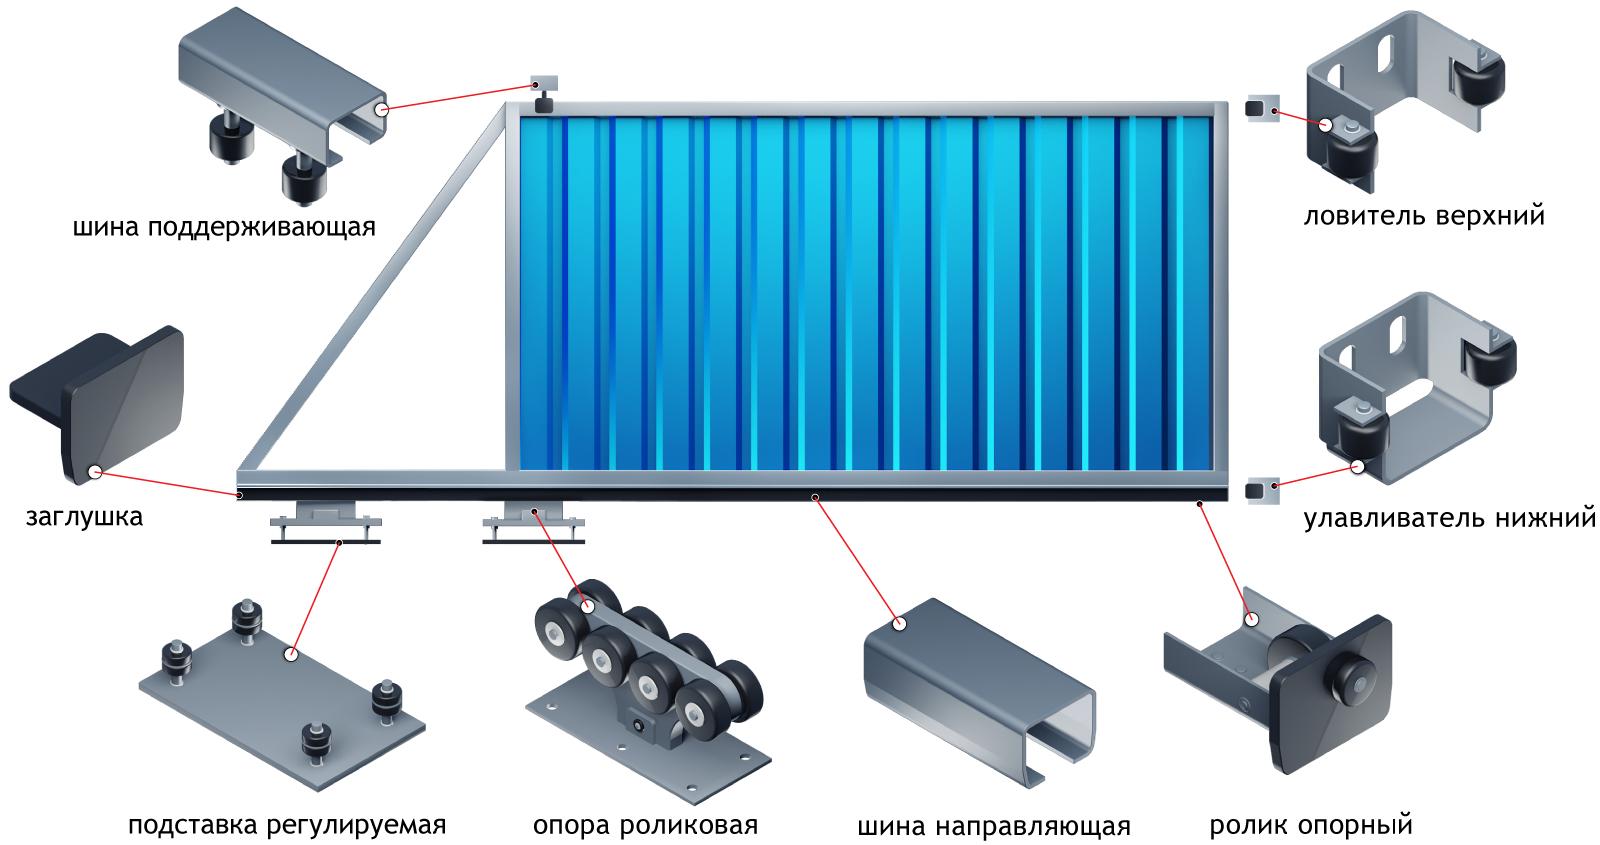 Схема откатных ворот на роликах своими руками